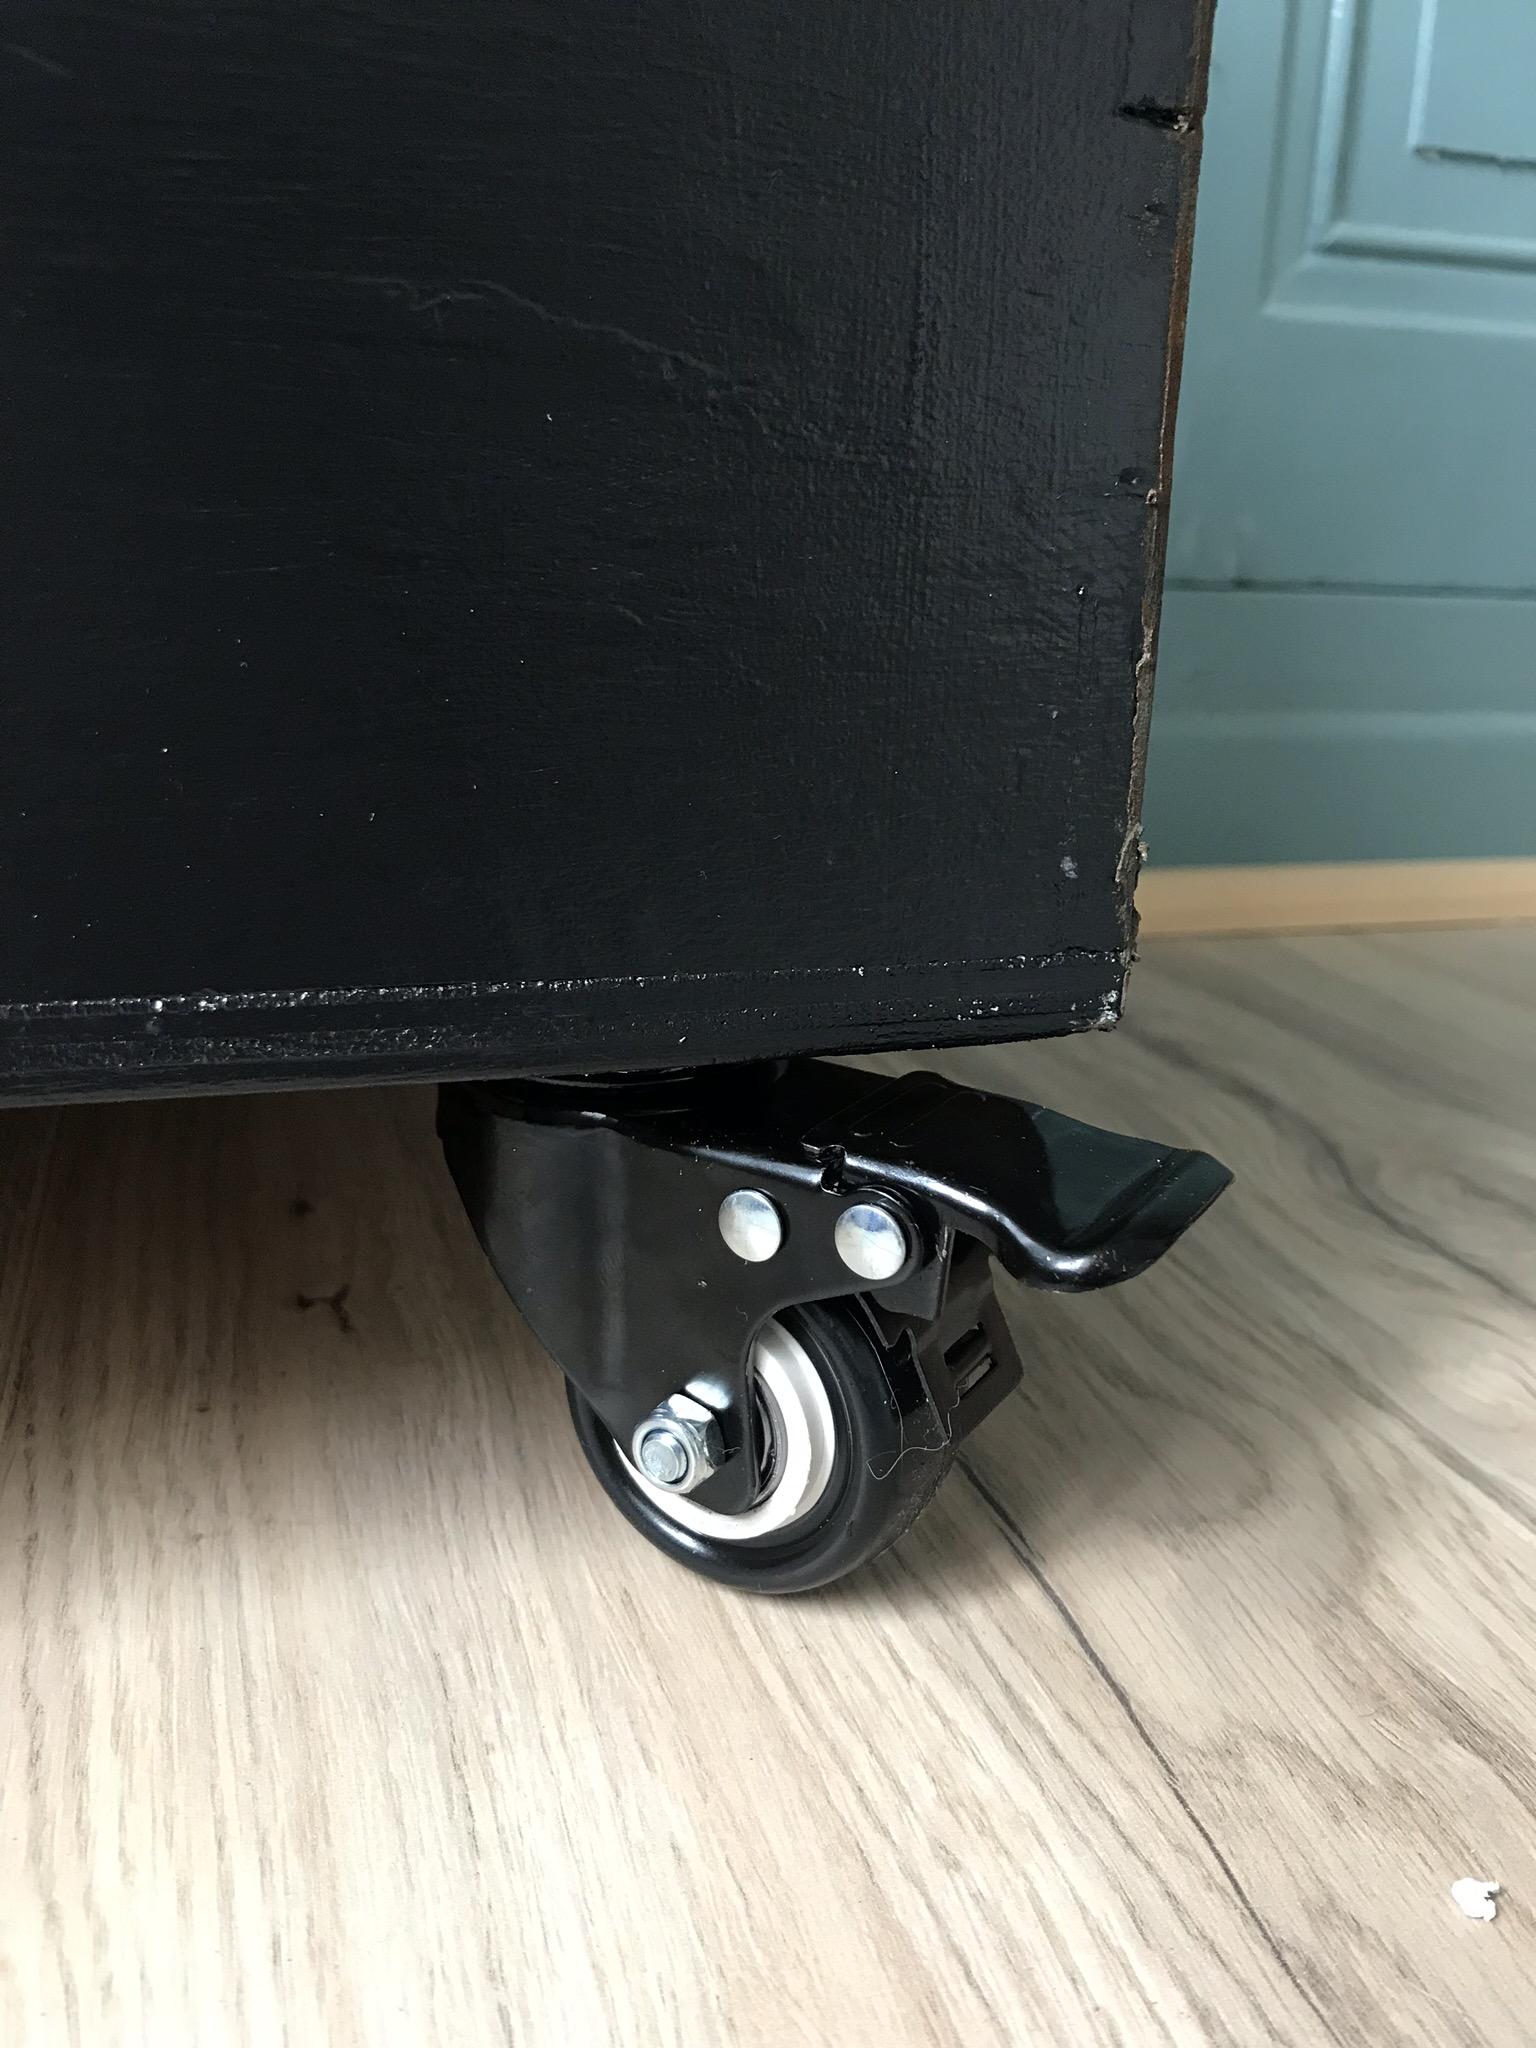 Fixation des 4 roues sous la caisse